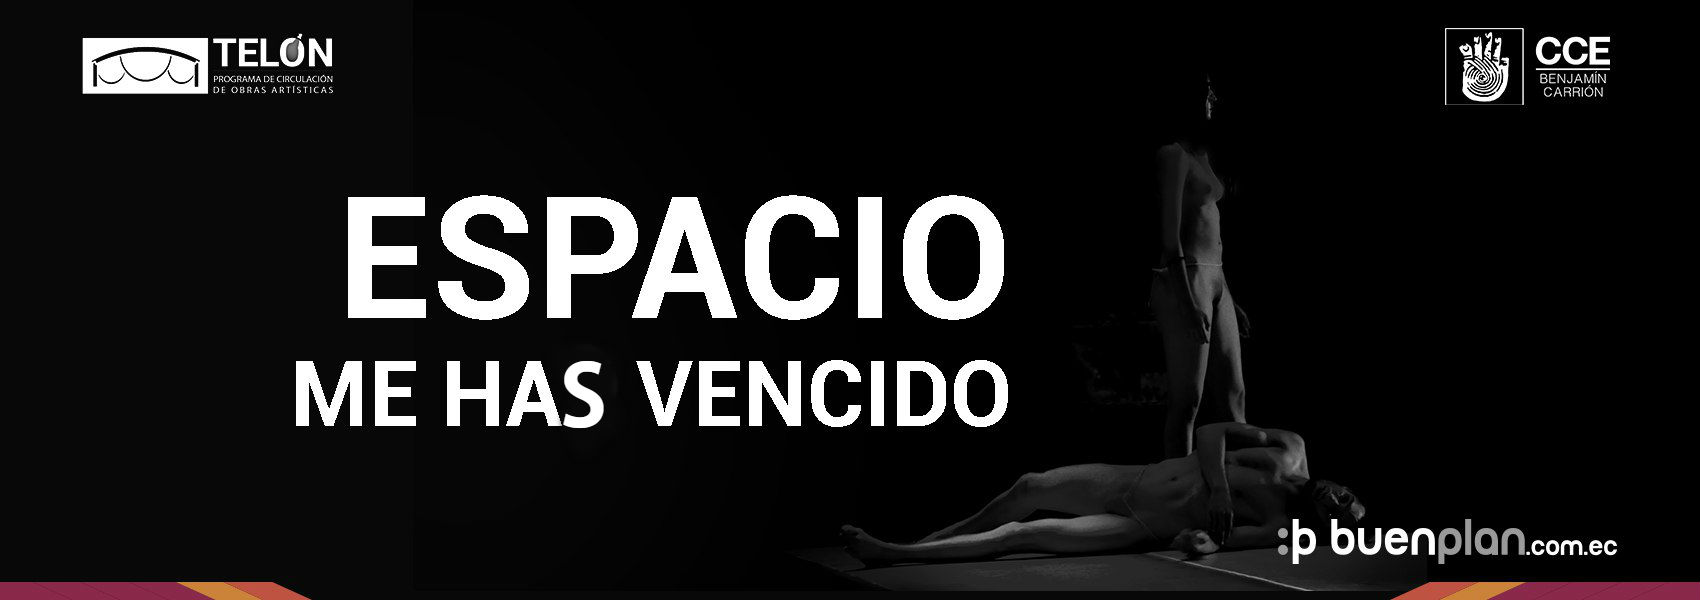 Espacio me has Vencido - 12 de Diciembre en Quito, BuenPlan